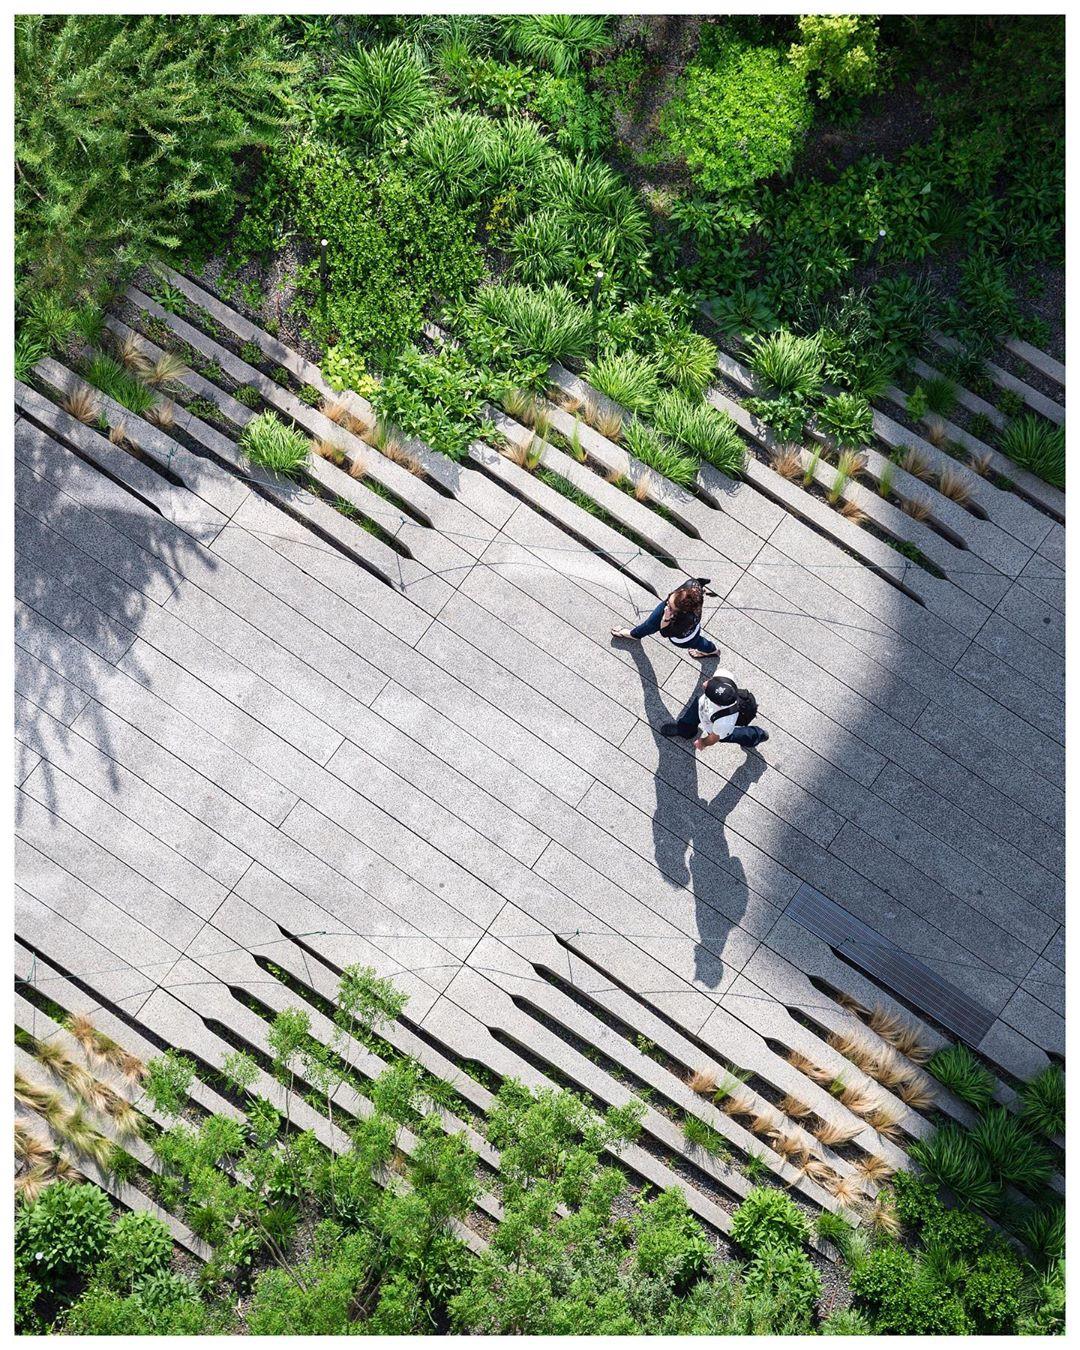 Highline Photo Credit Timothy Schenck